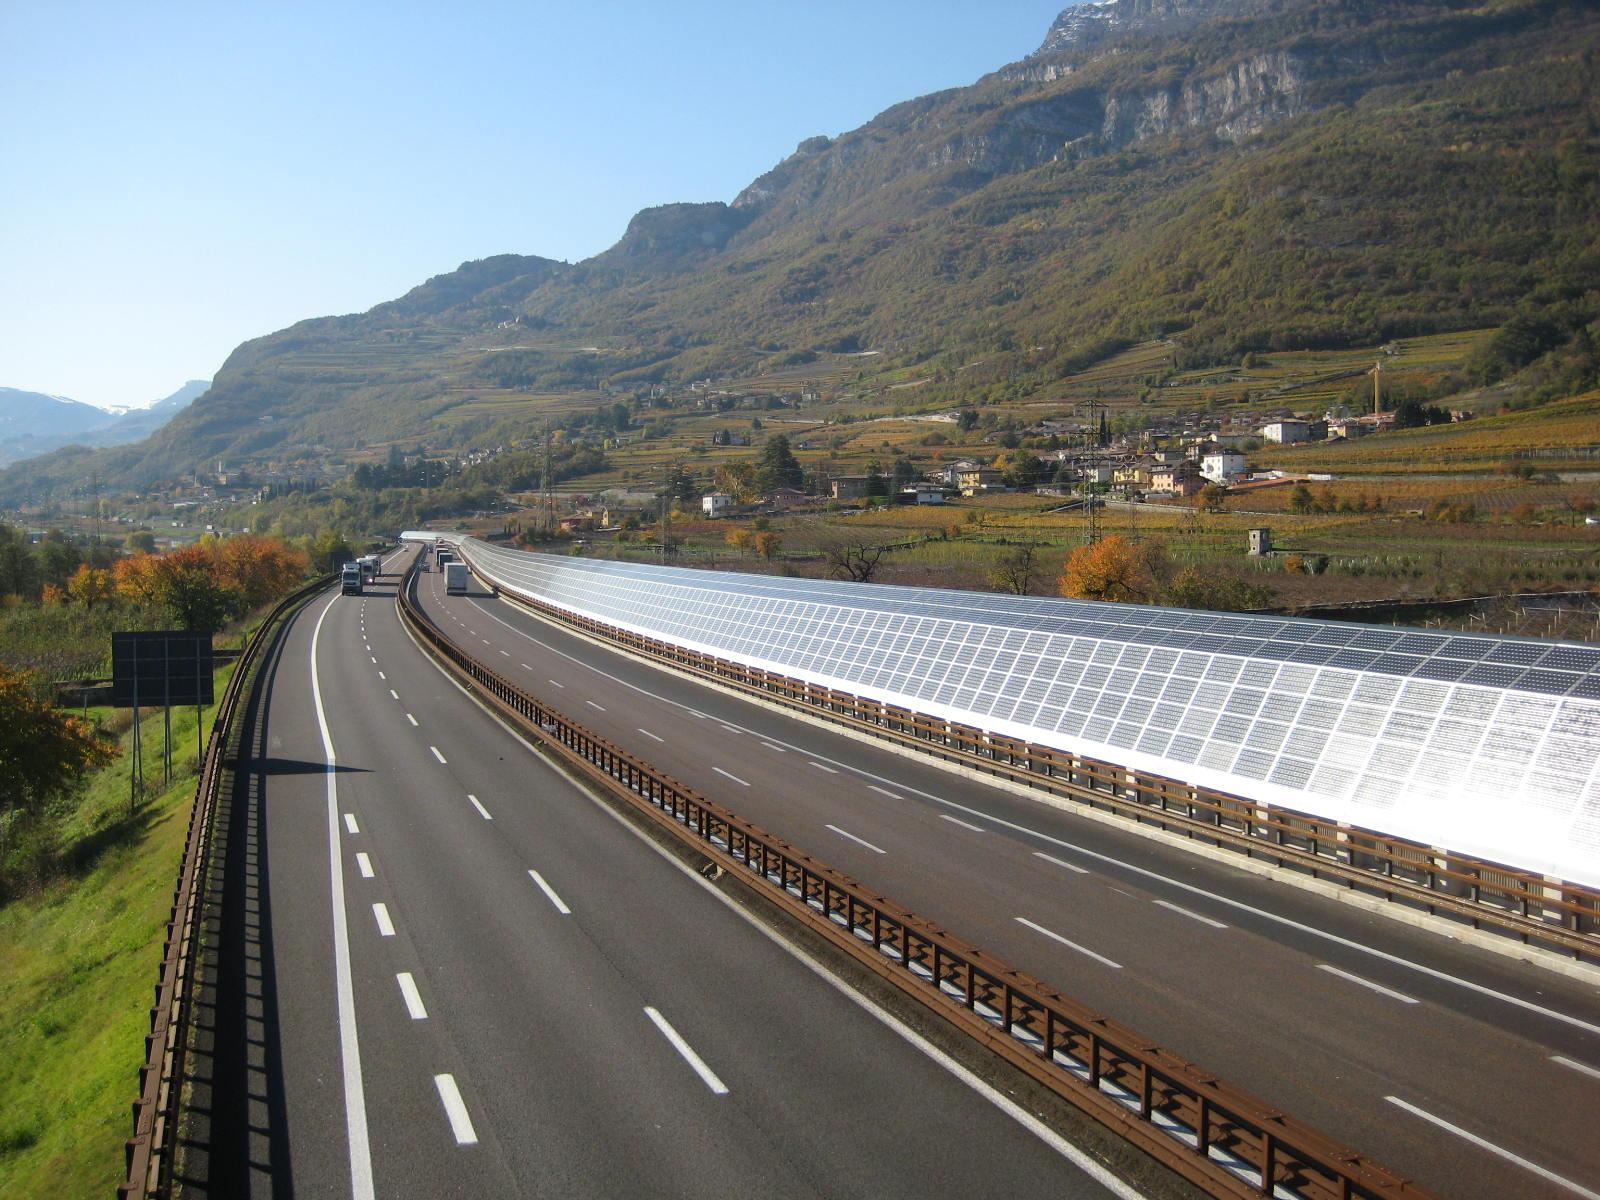 autostrada-brennero